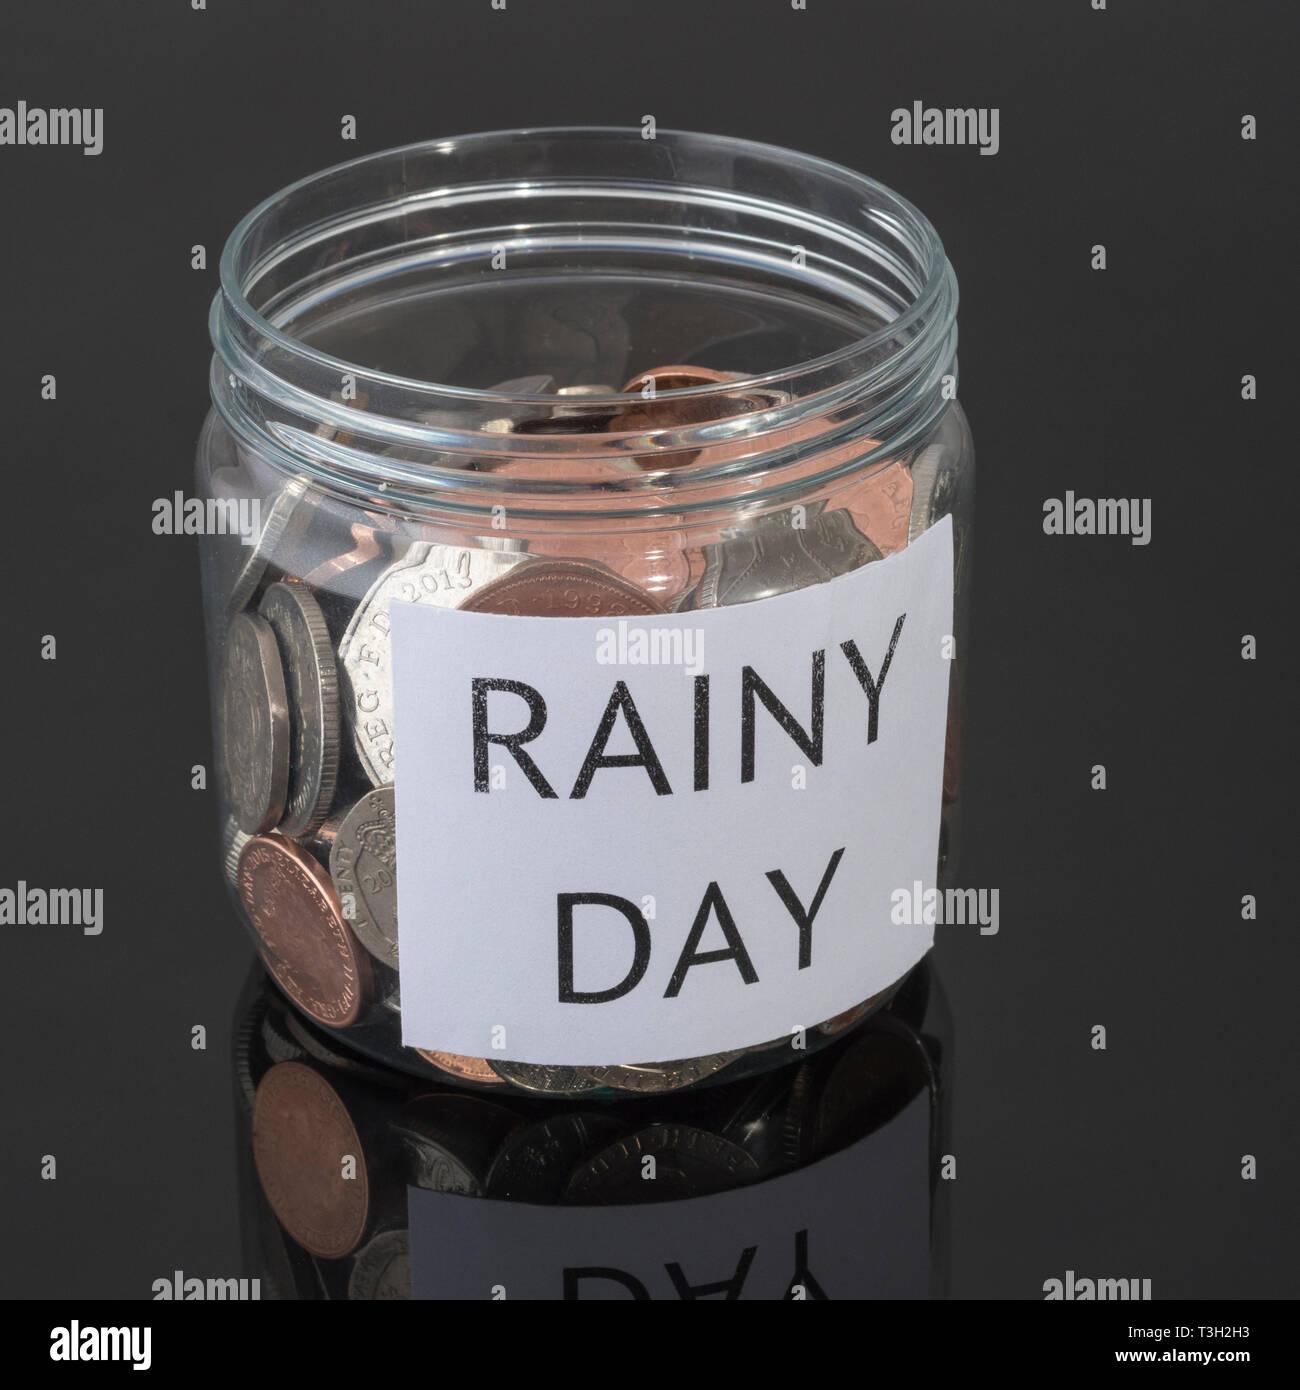 Contenitore di plastica contenente le monete del Regno Unito. Metafora risparmi personali, Rainy day risparmio, risparmi pensionistici pot, Risparmi pensione, il risparmio per il pensionamento . Foto Stock